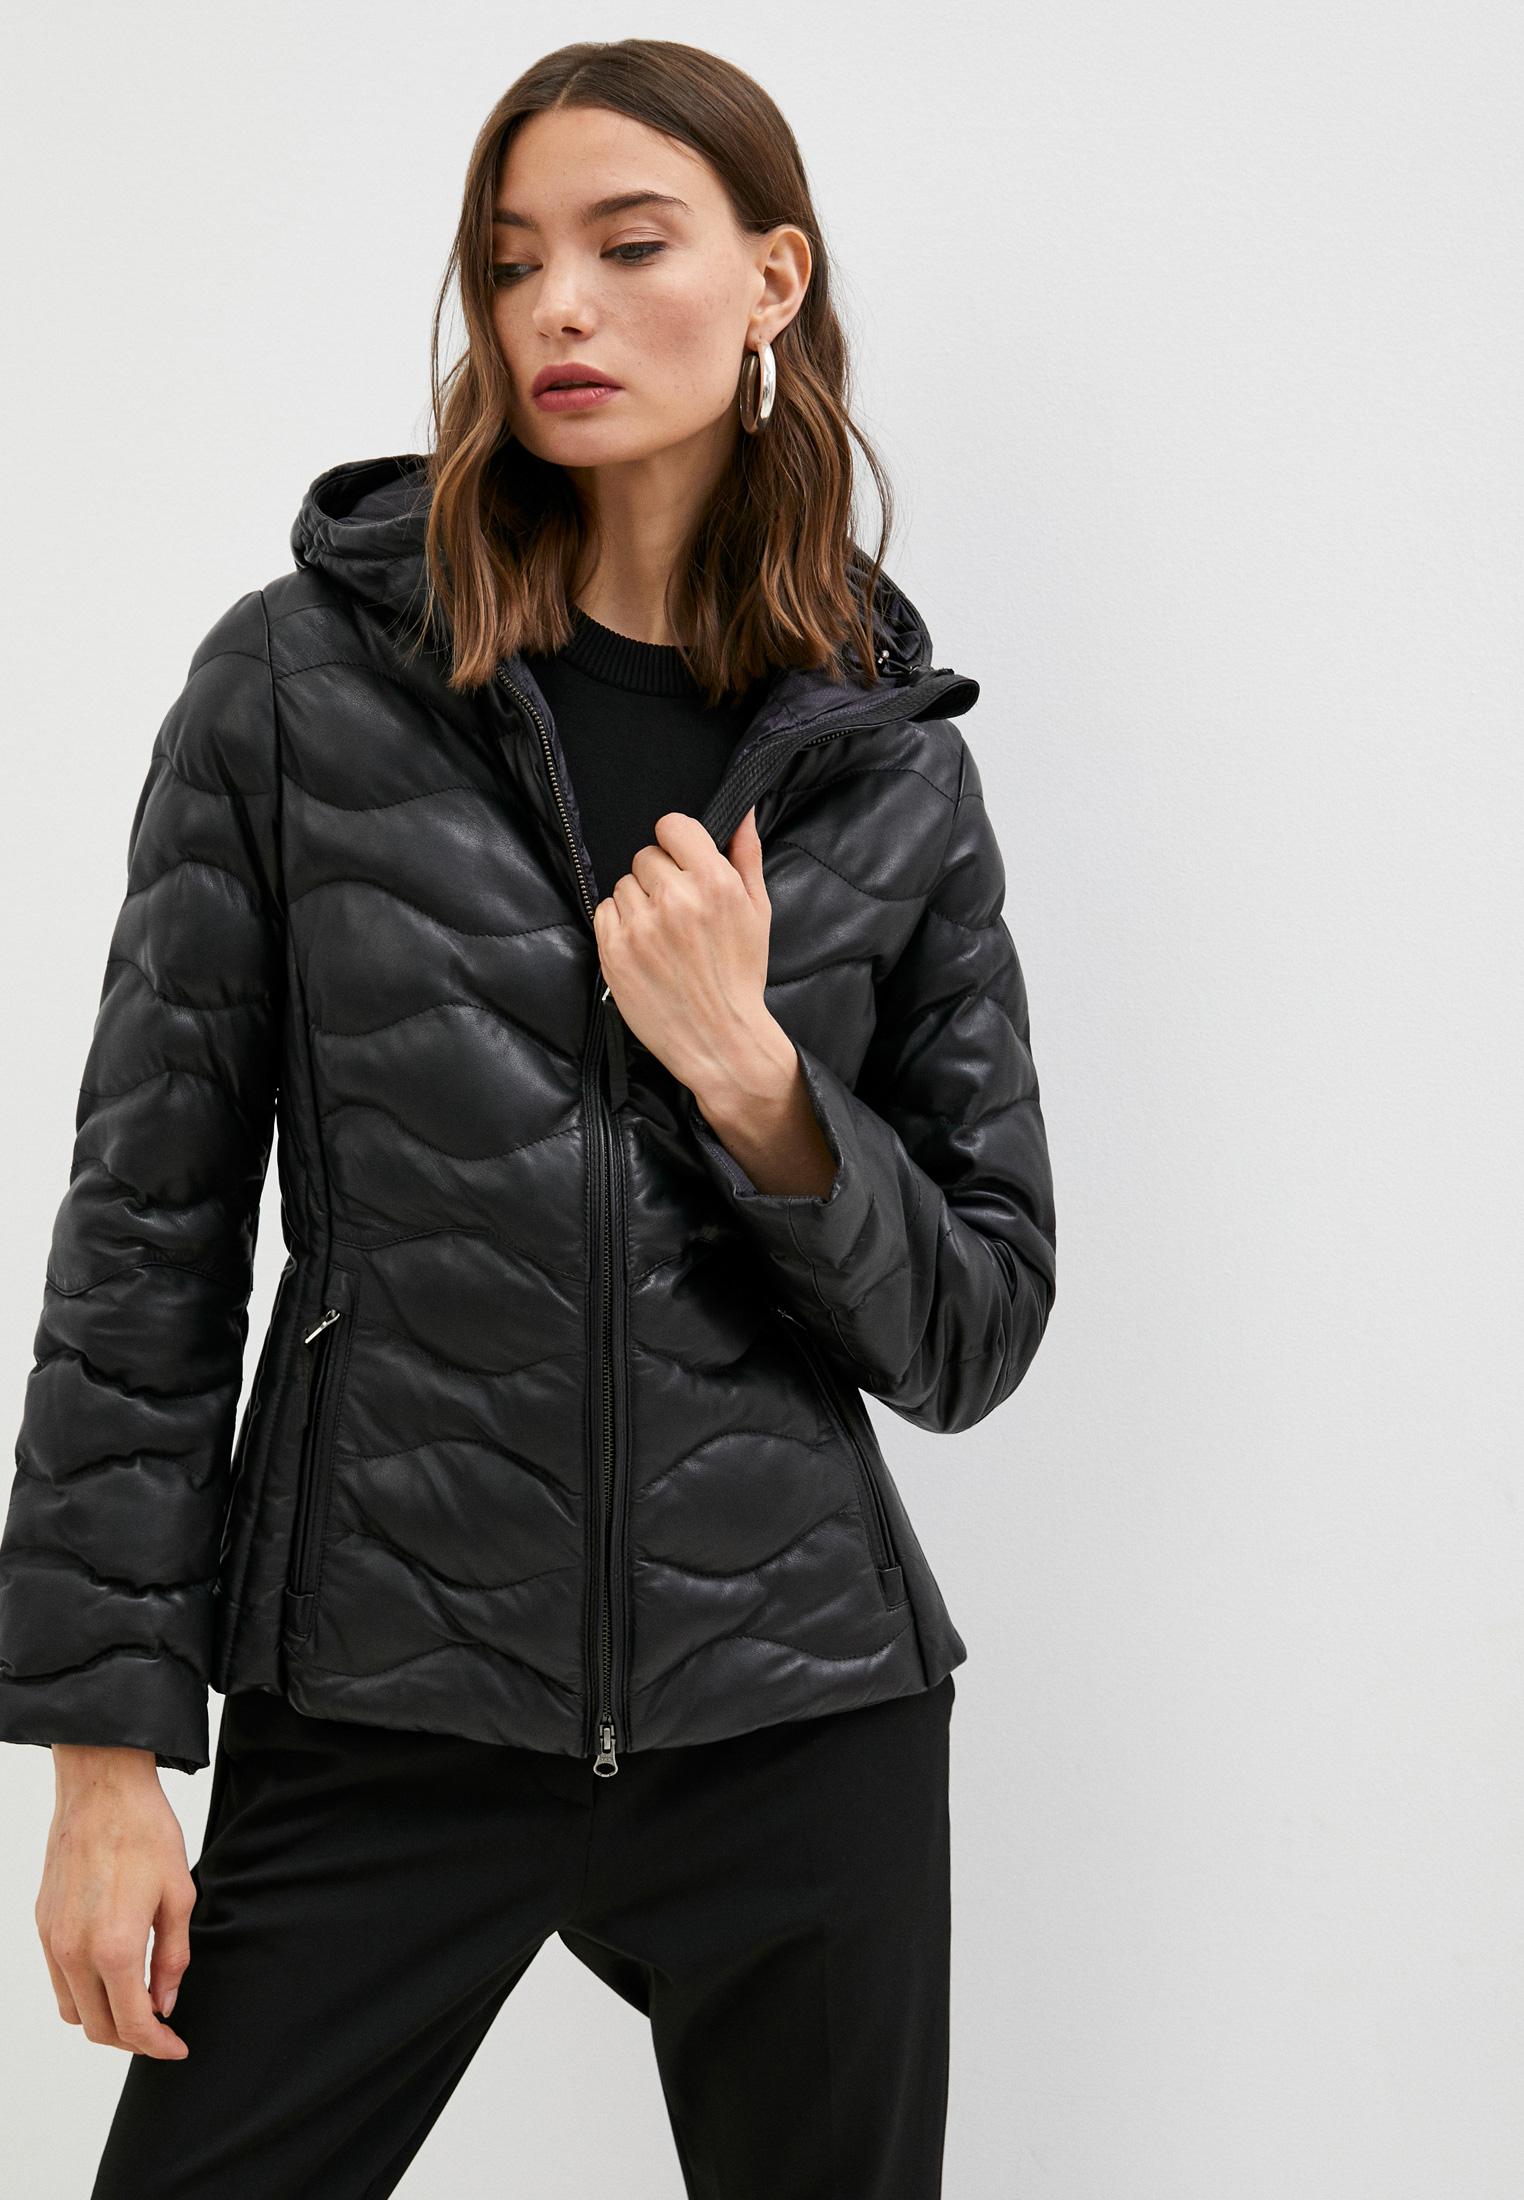 Кожаная куртка Blouson 503: изображение 1